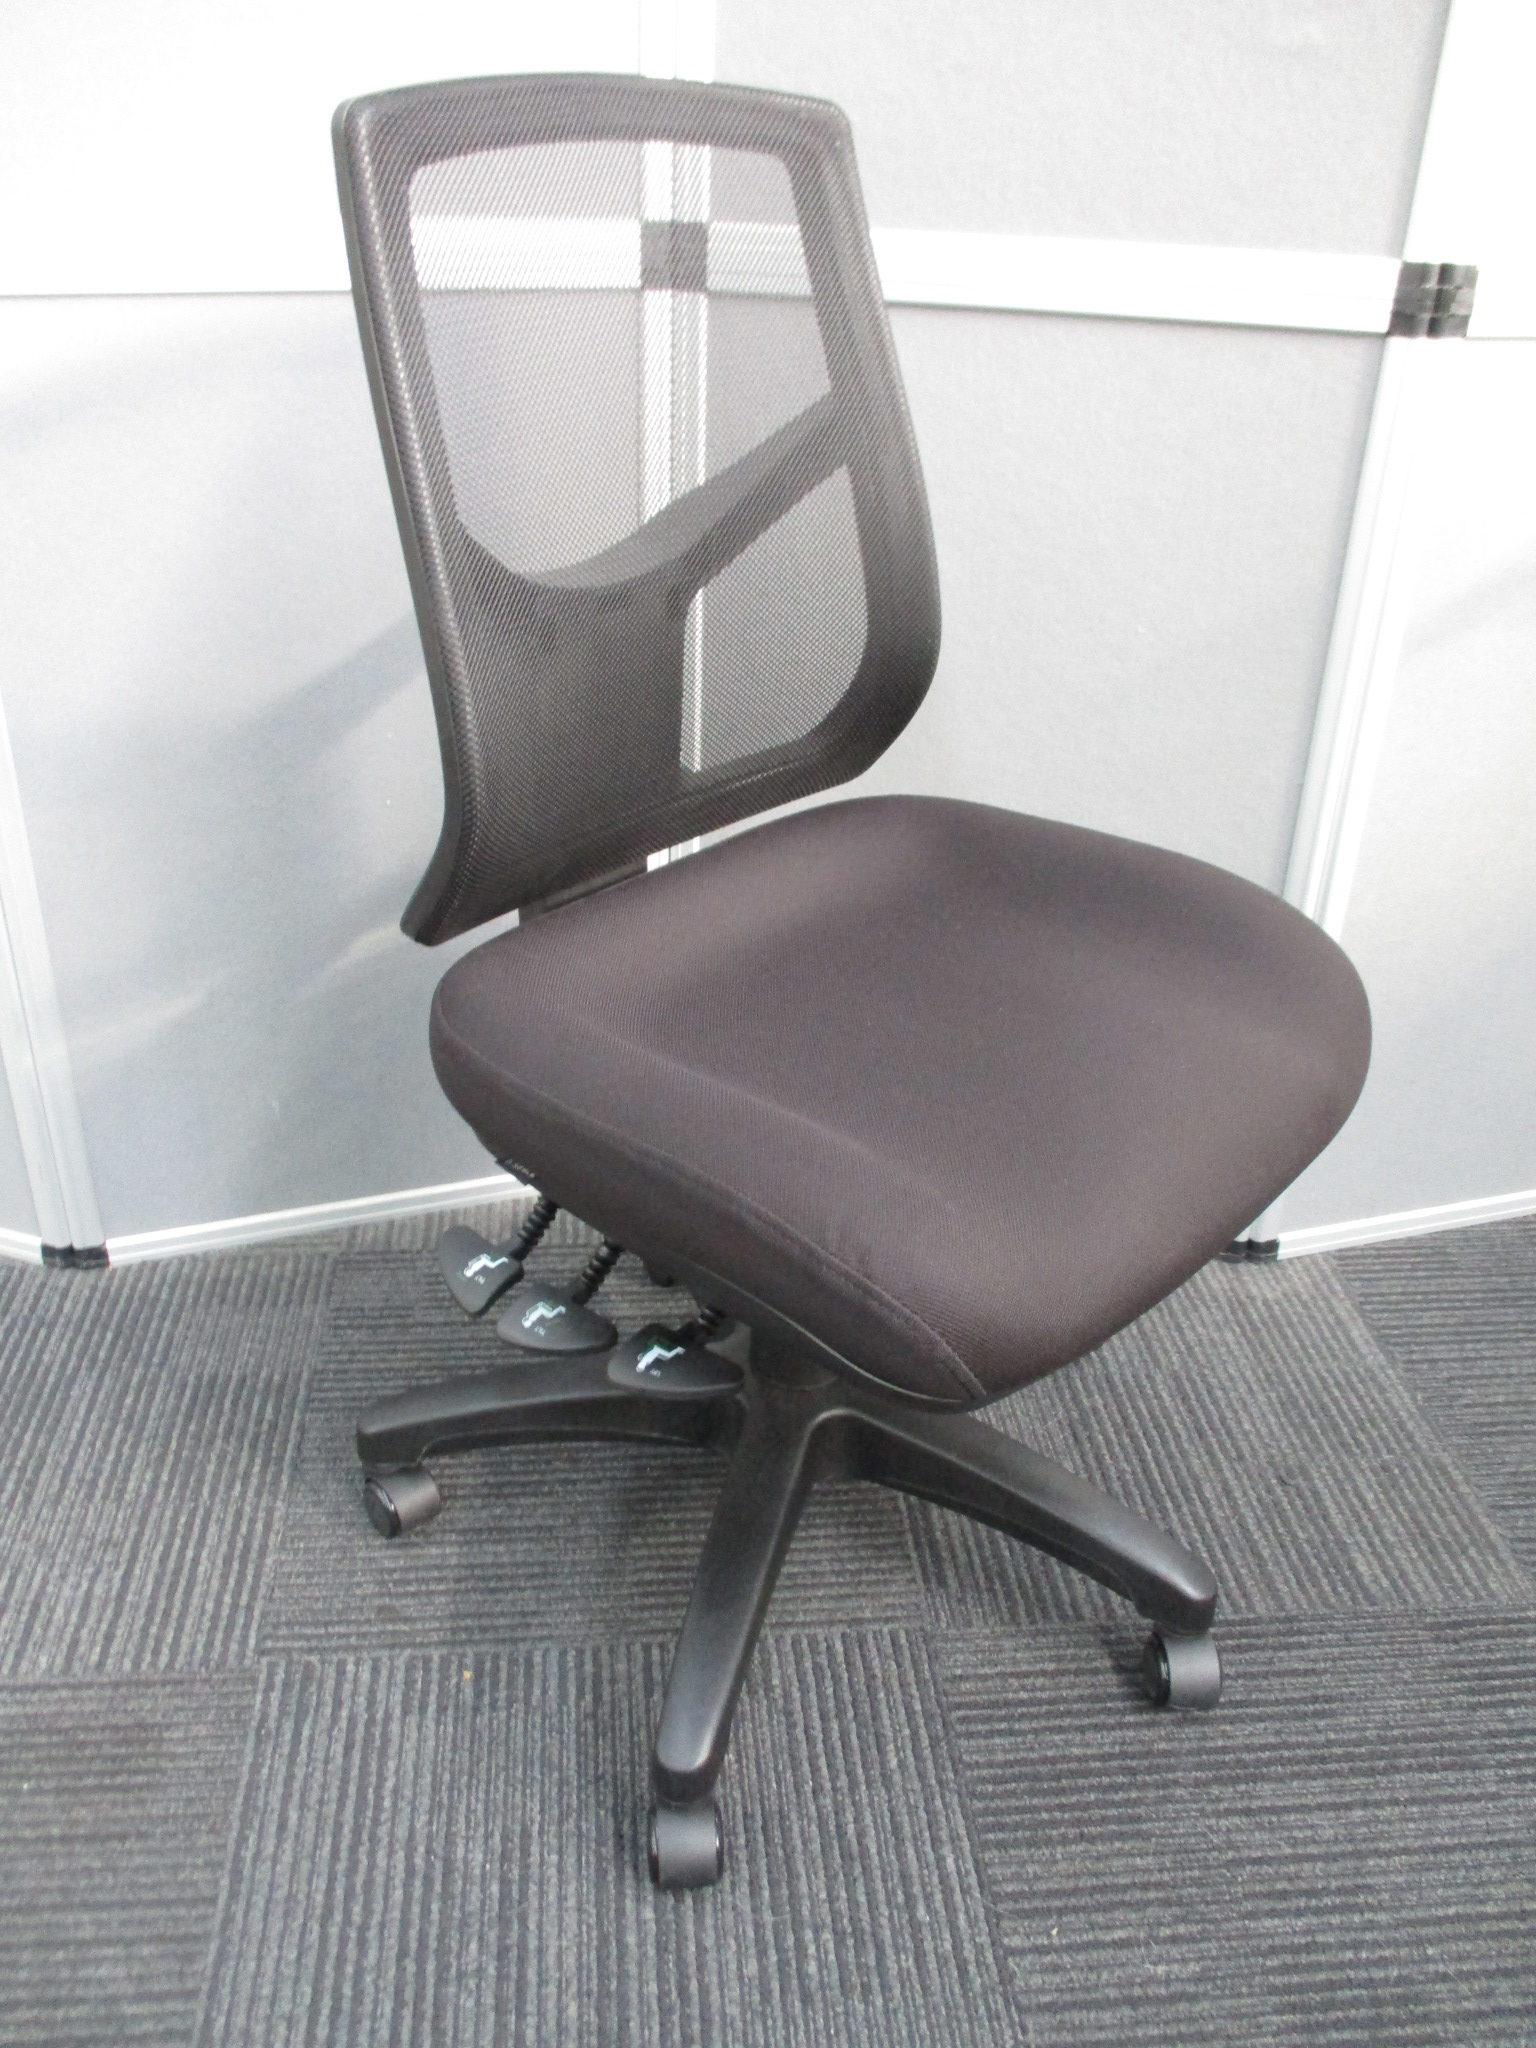 New Hino Mesh Chairs $335